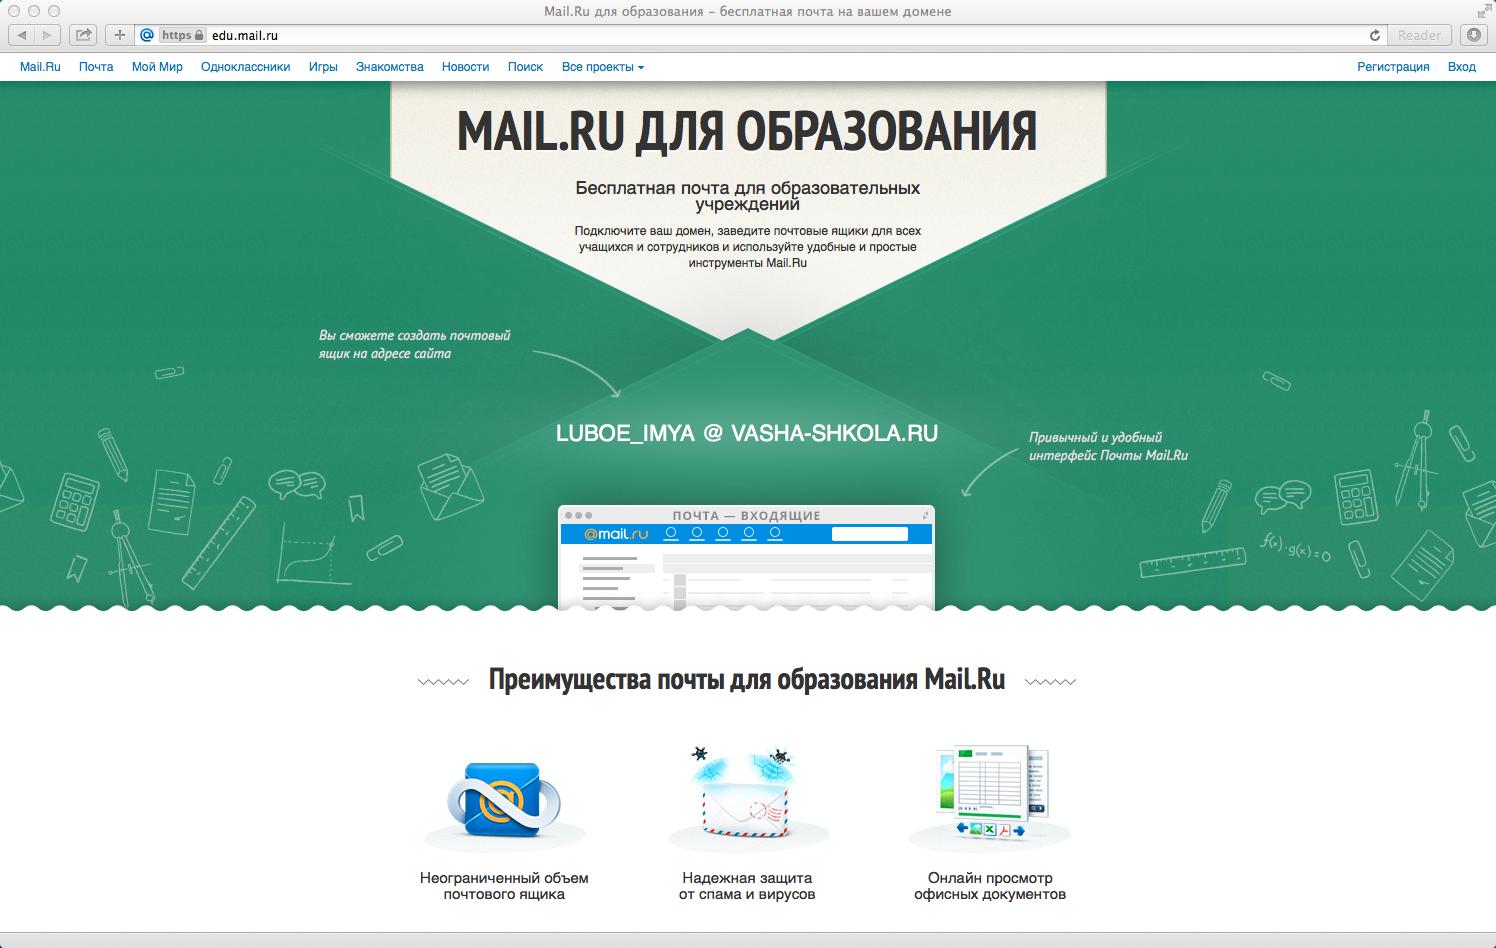 Mail.Ru запускает «Почту для образования»